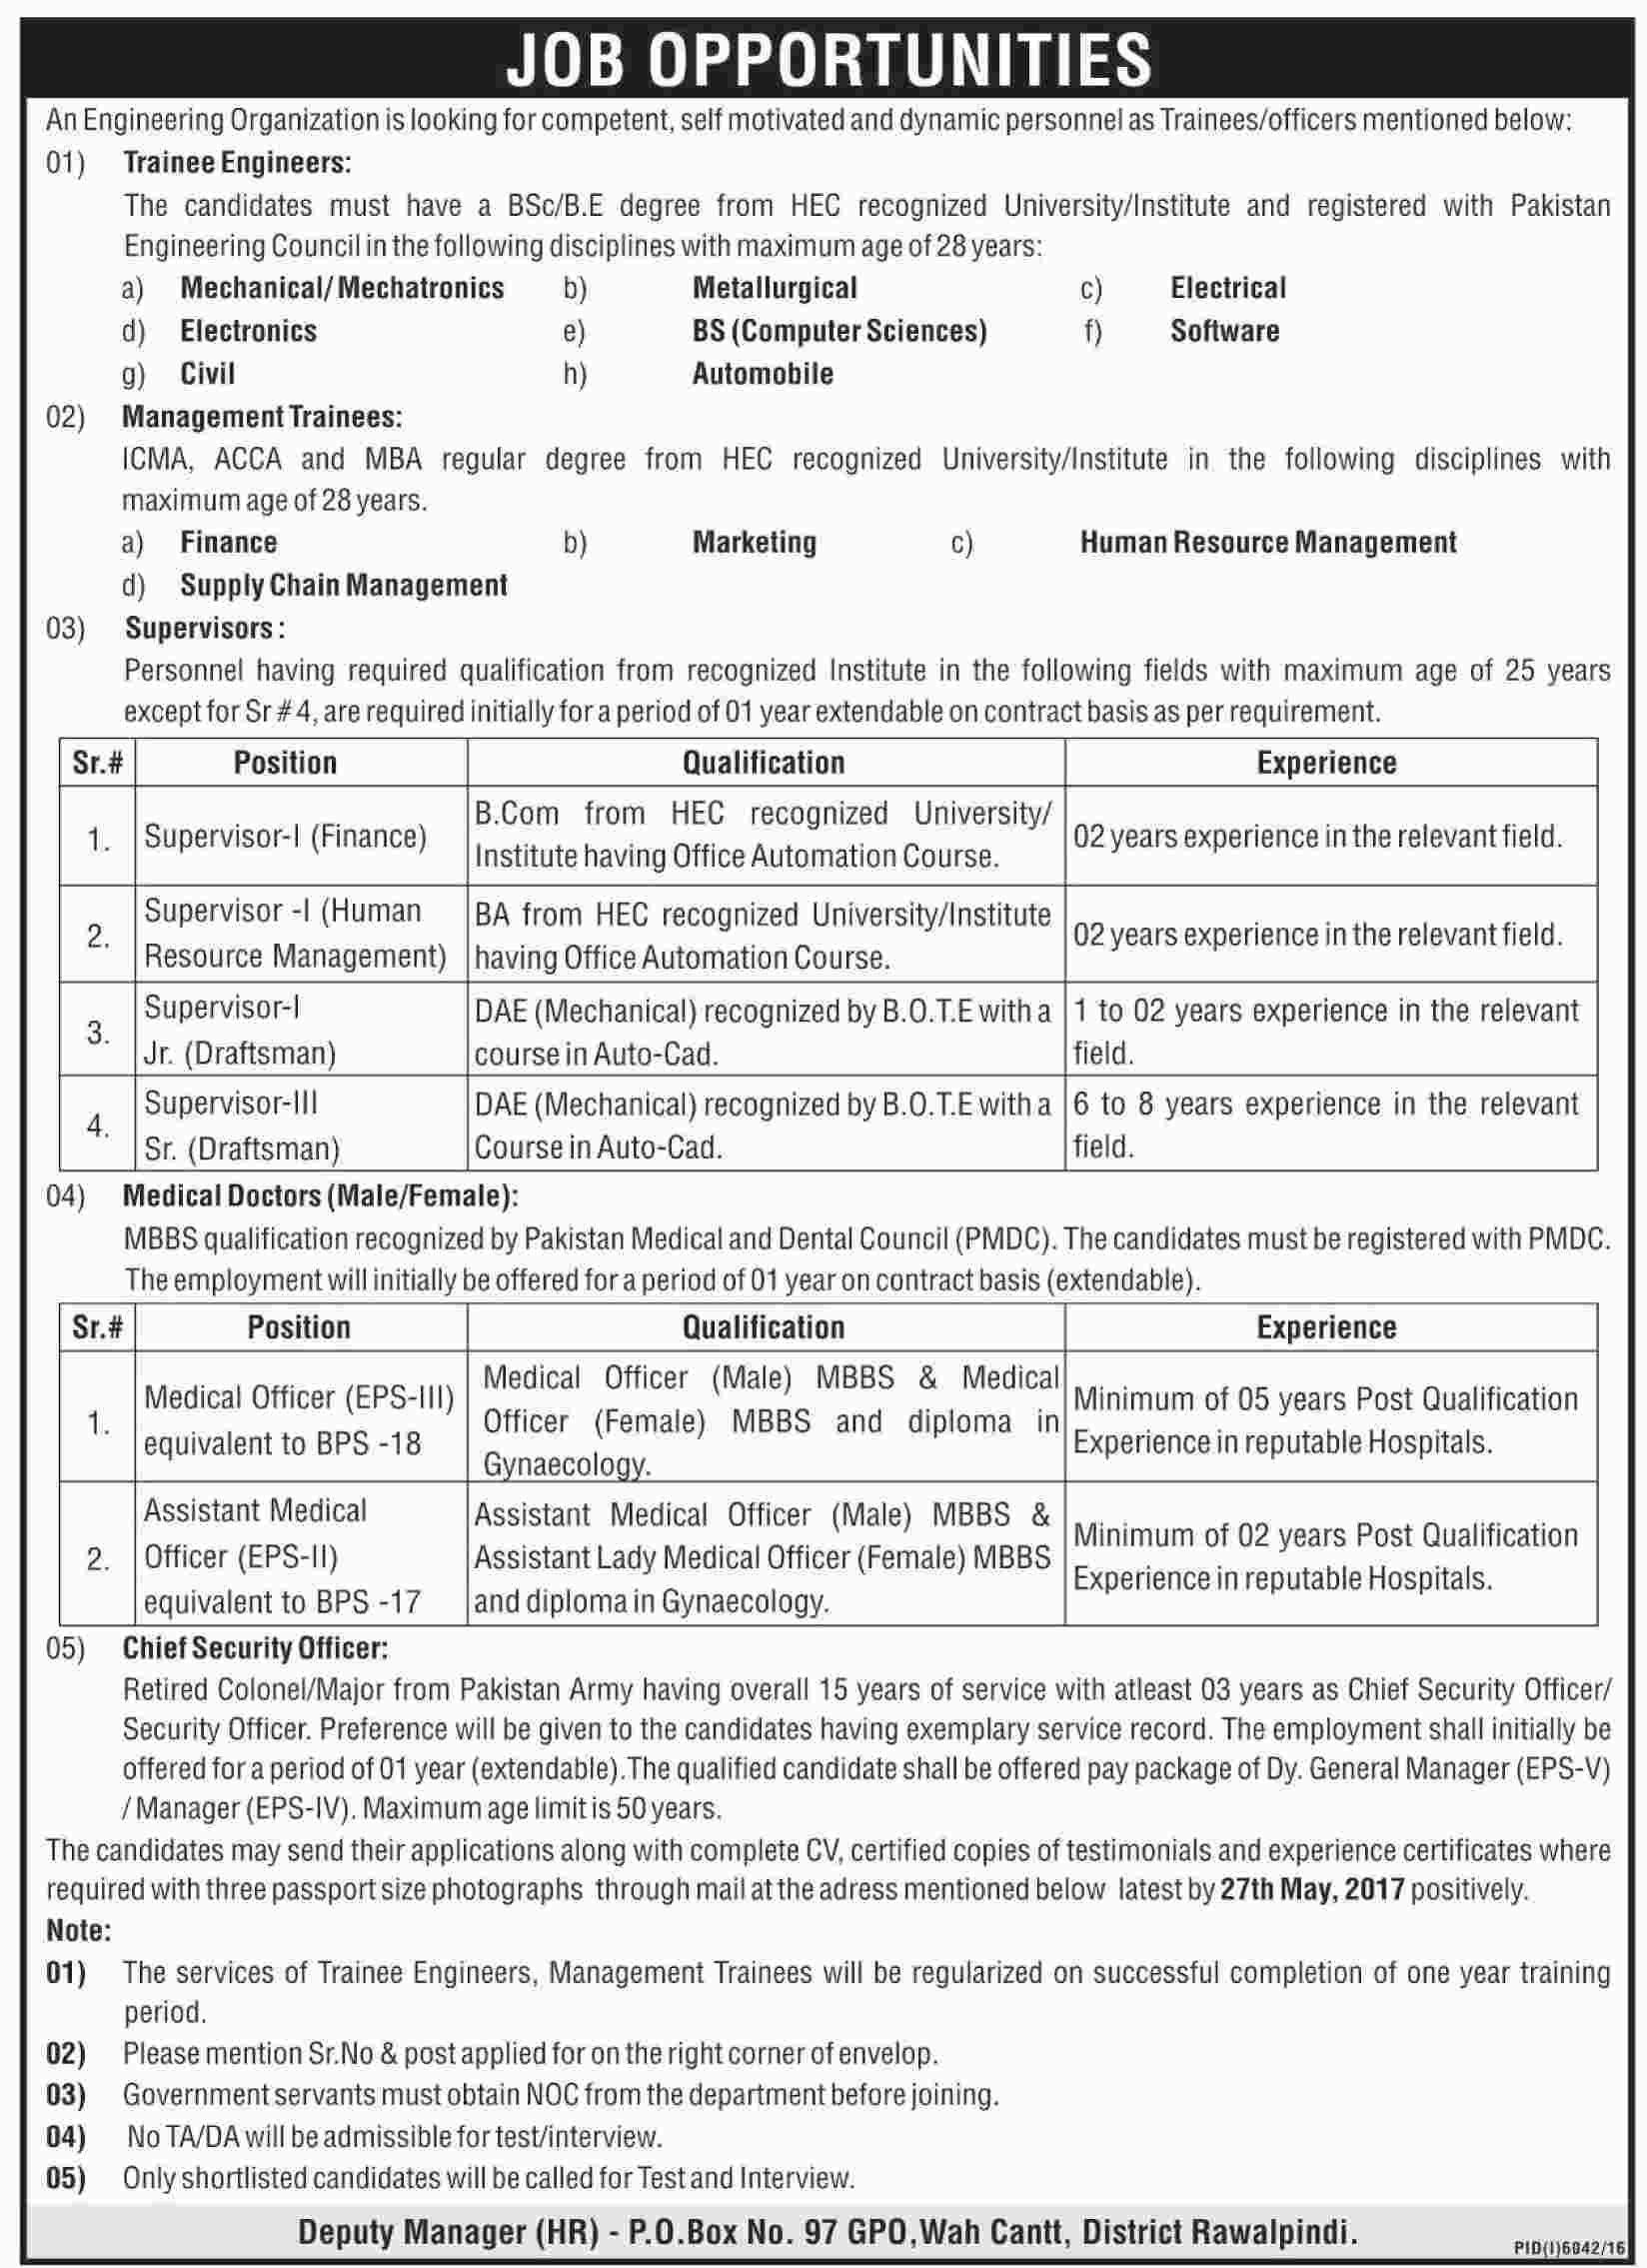 Careers Jobs In Pakistan: Jobs in Engineering Organization Rawalpindi GPO  Wah Cantt 2017